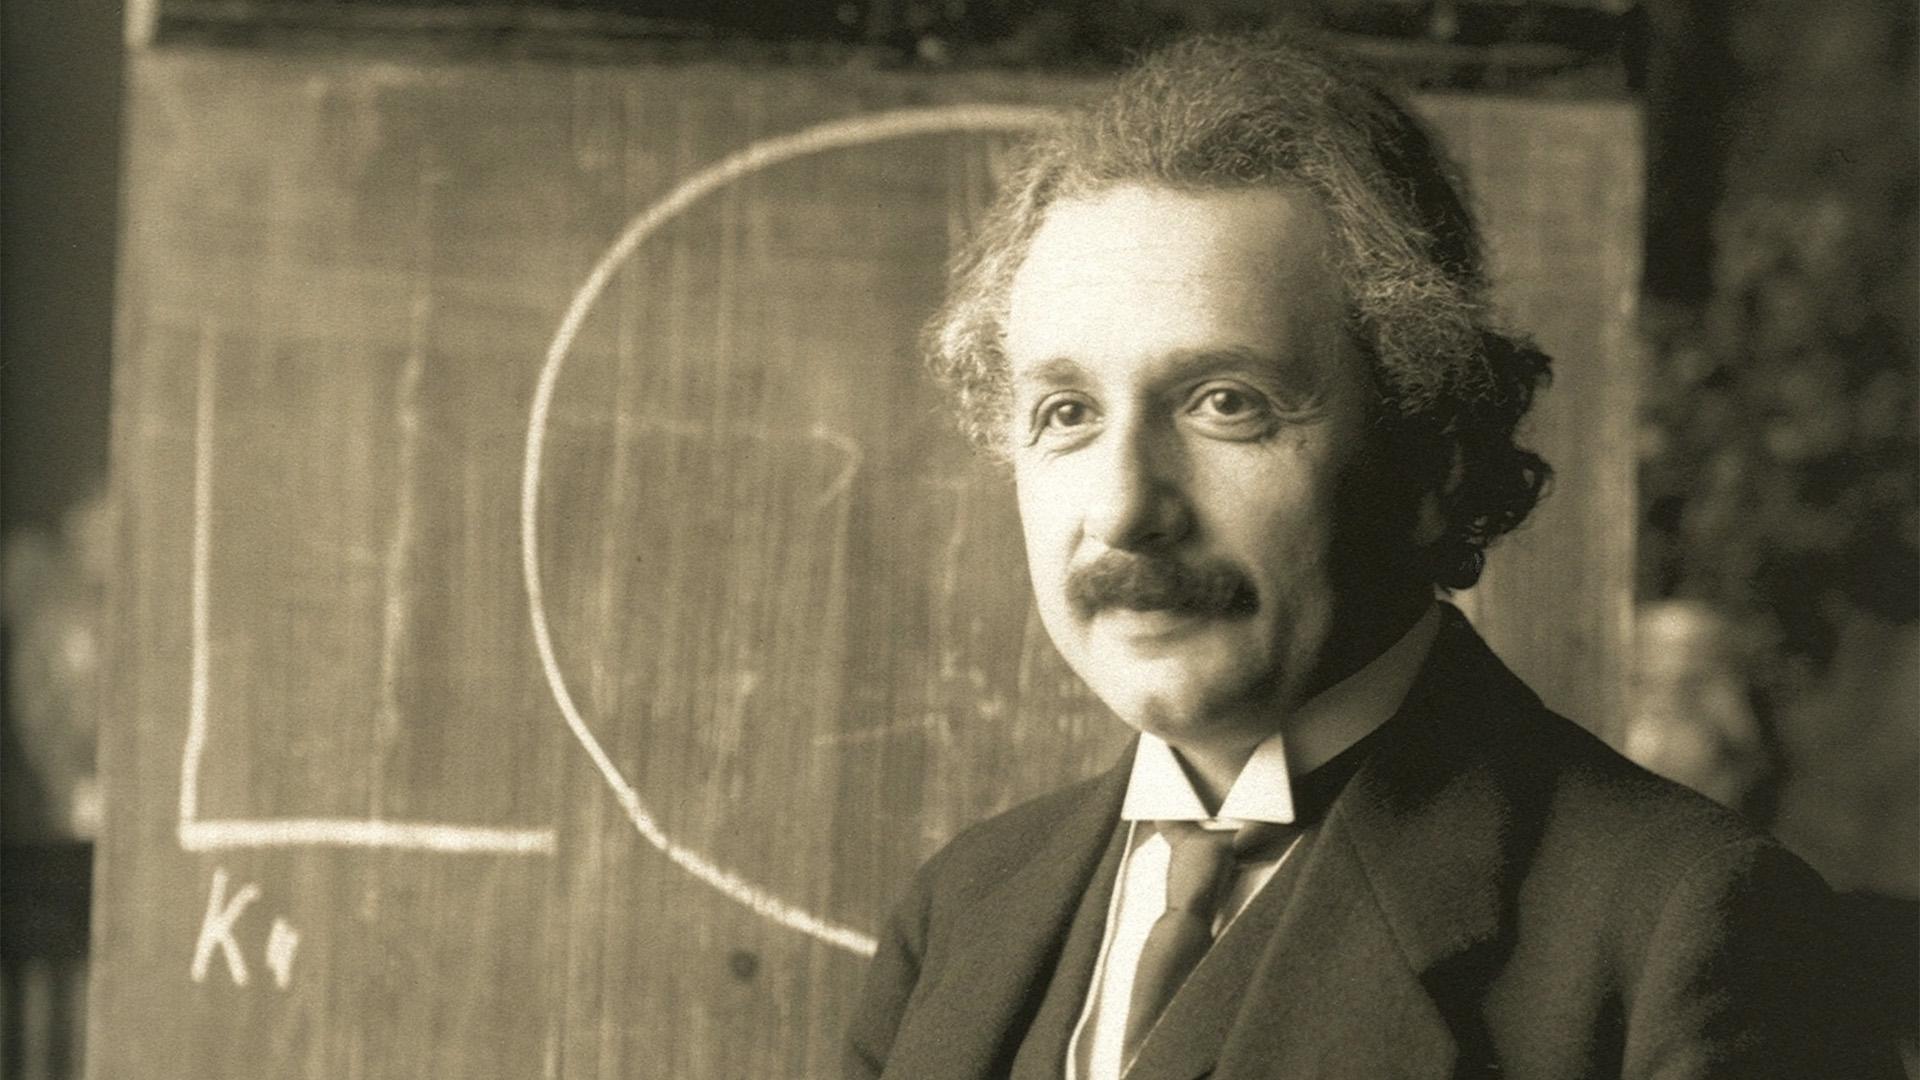 Revelan documentos inéditos de Albert Einstein